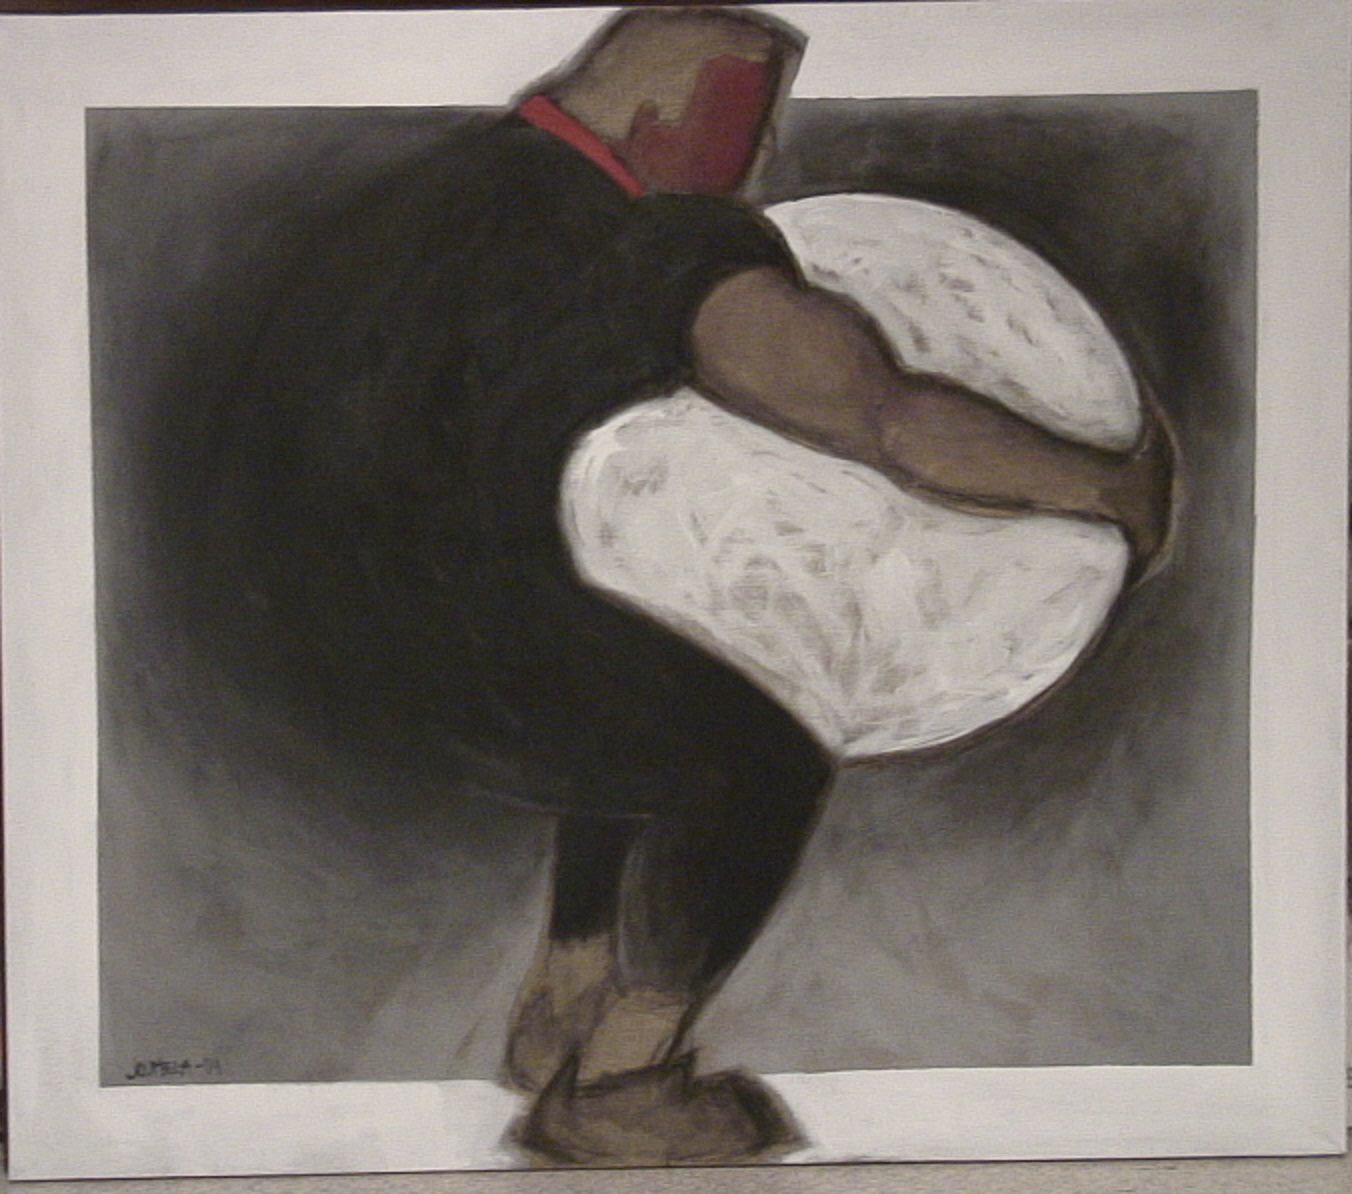 Sarjasta TAVOITE: Iso pallo, hiili/akryyli, 2004